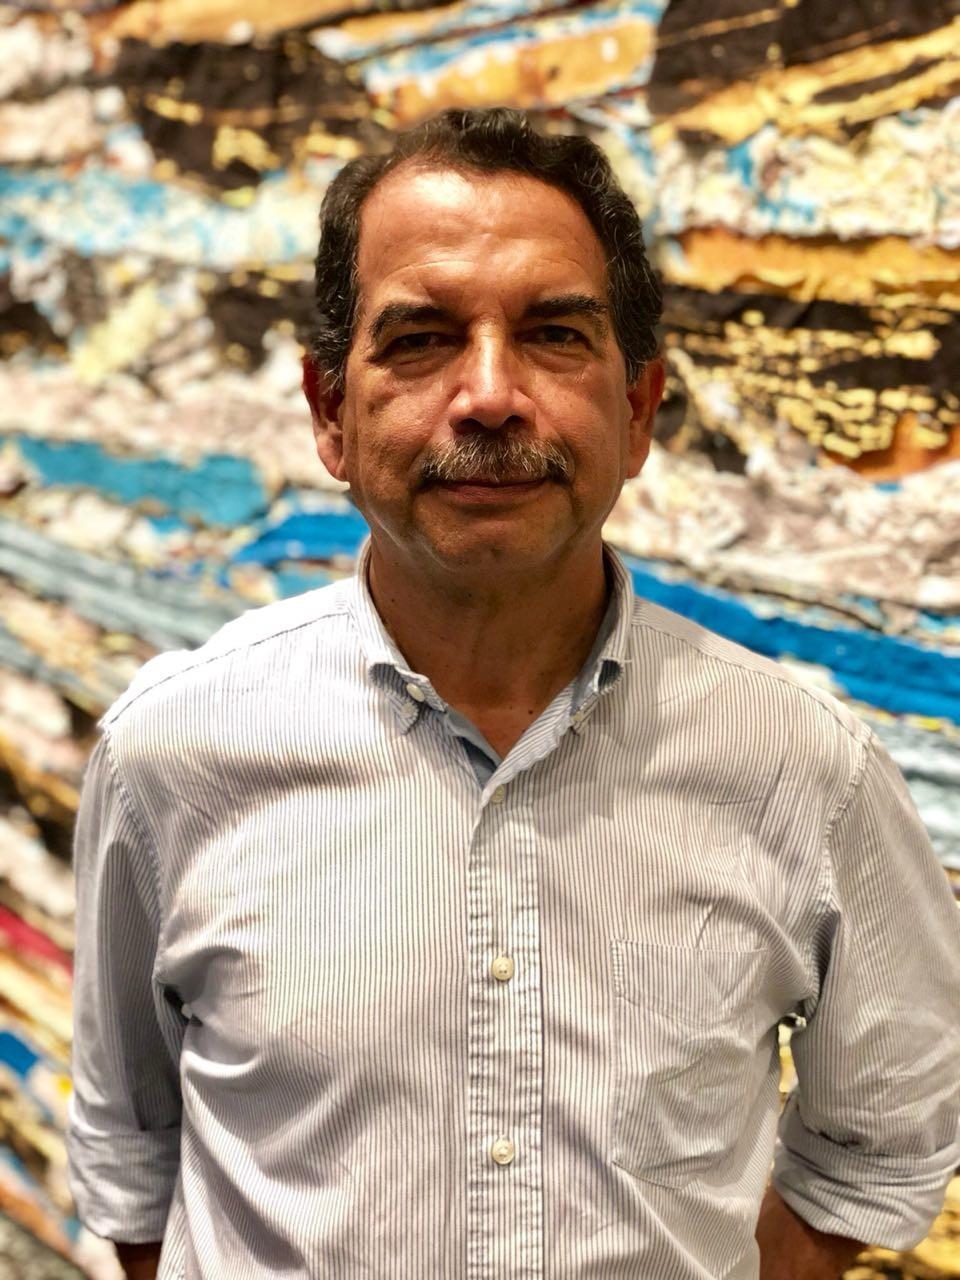 Pablo Rodríguez Jiménez